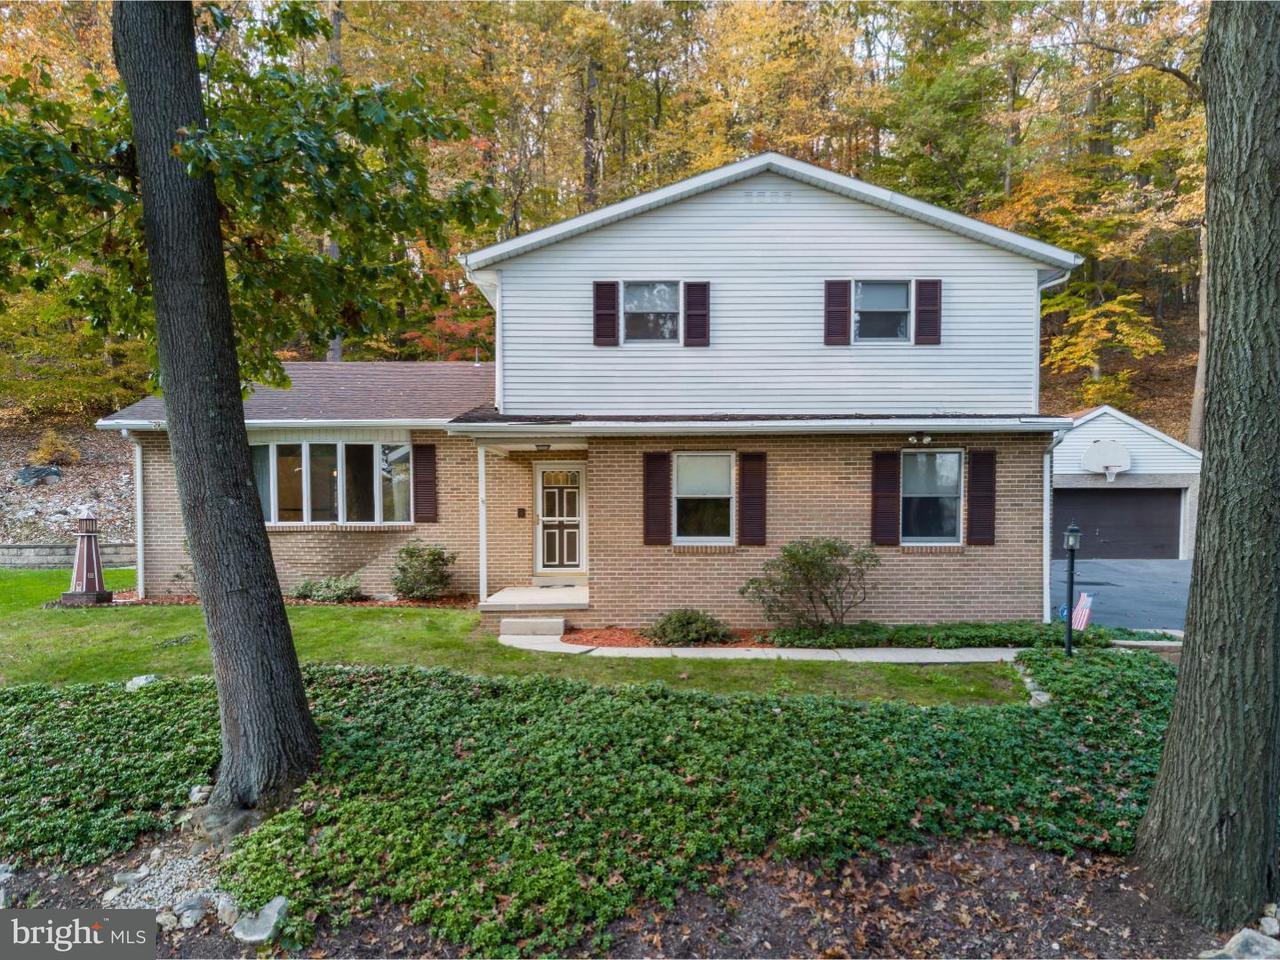 Casa Unifamiliar por un Venta en 207 WINDING WAY Wernersville, Pennsylvania 19565 Estados Unidos